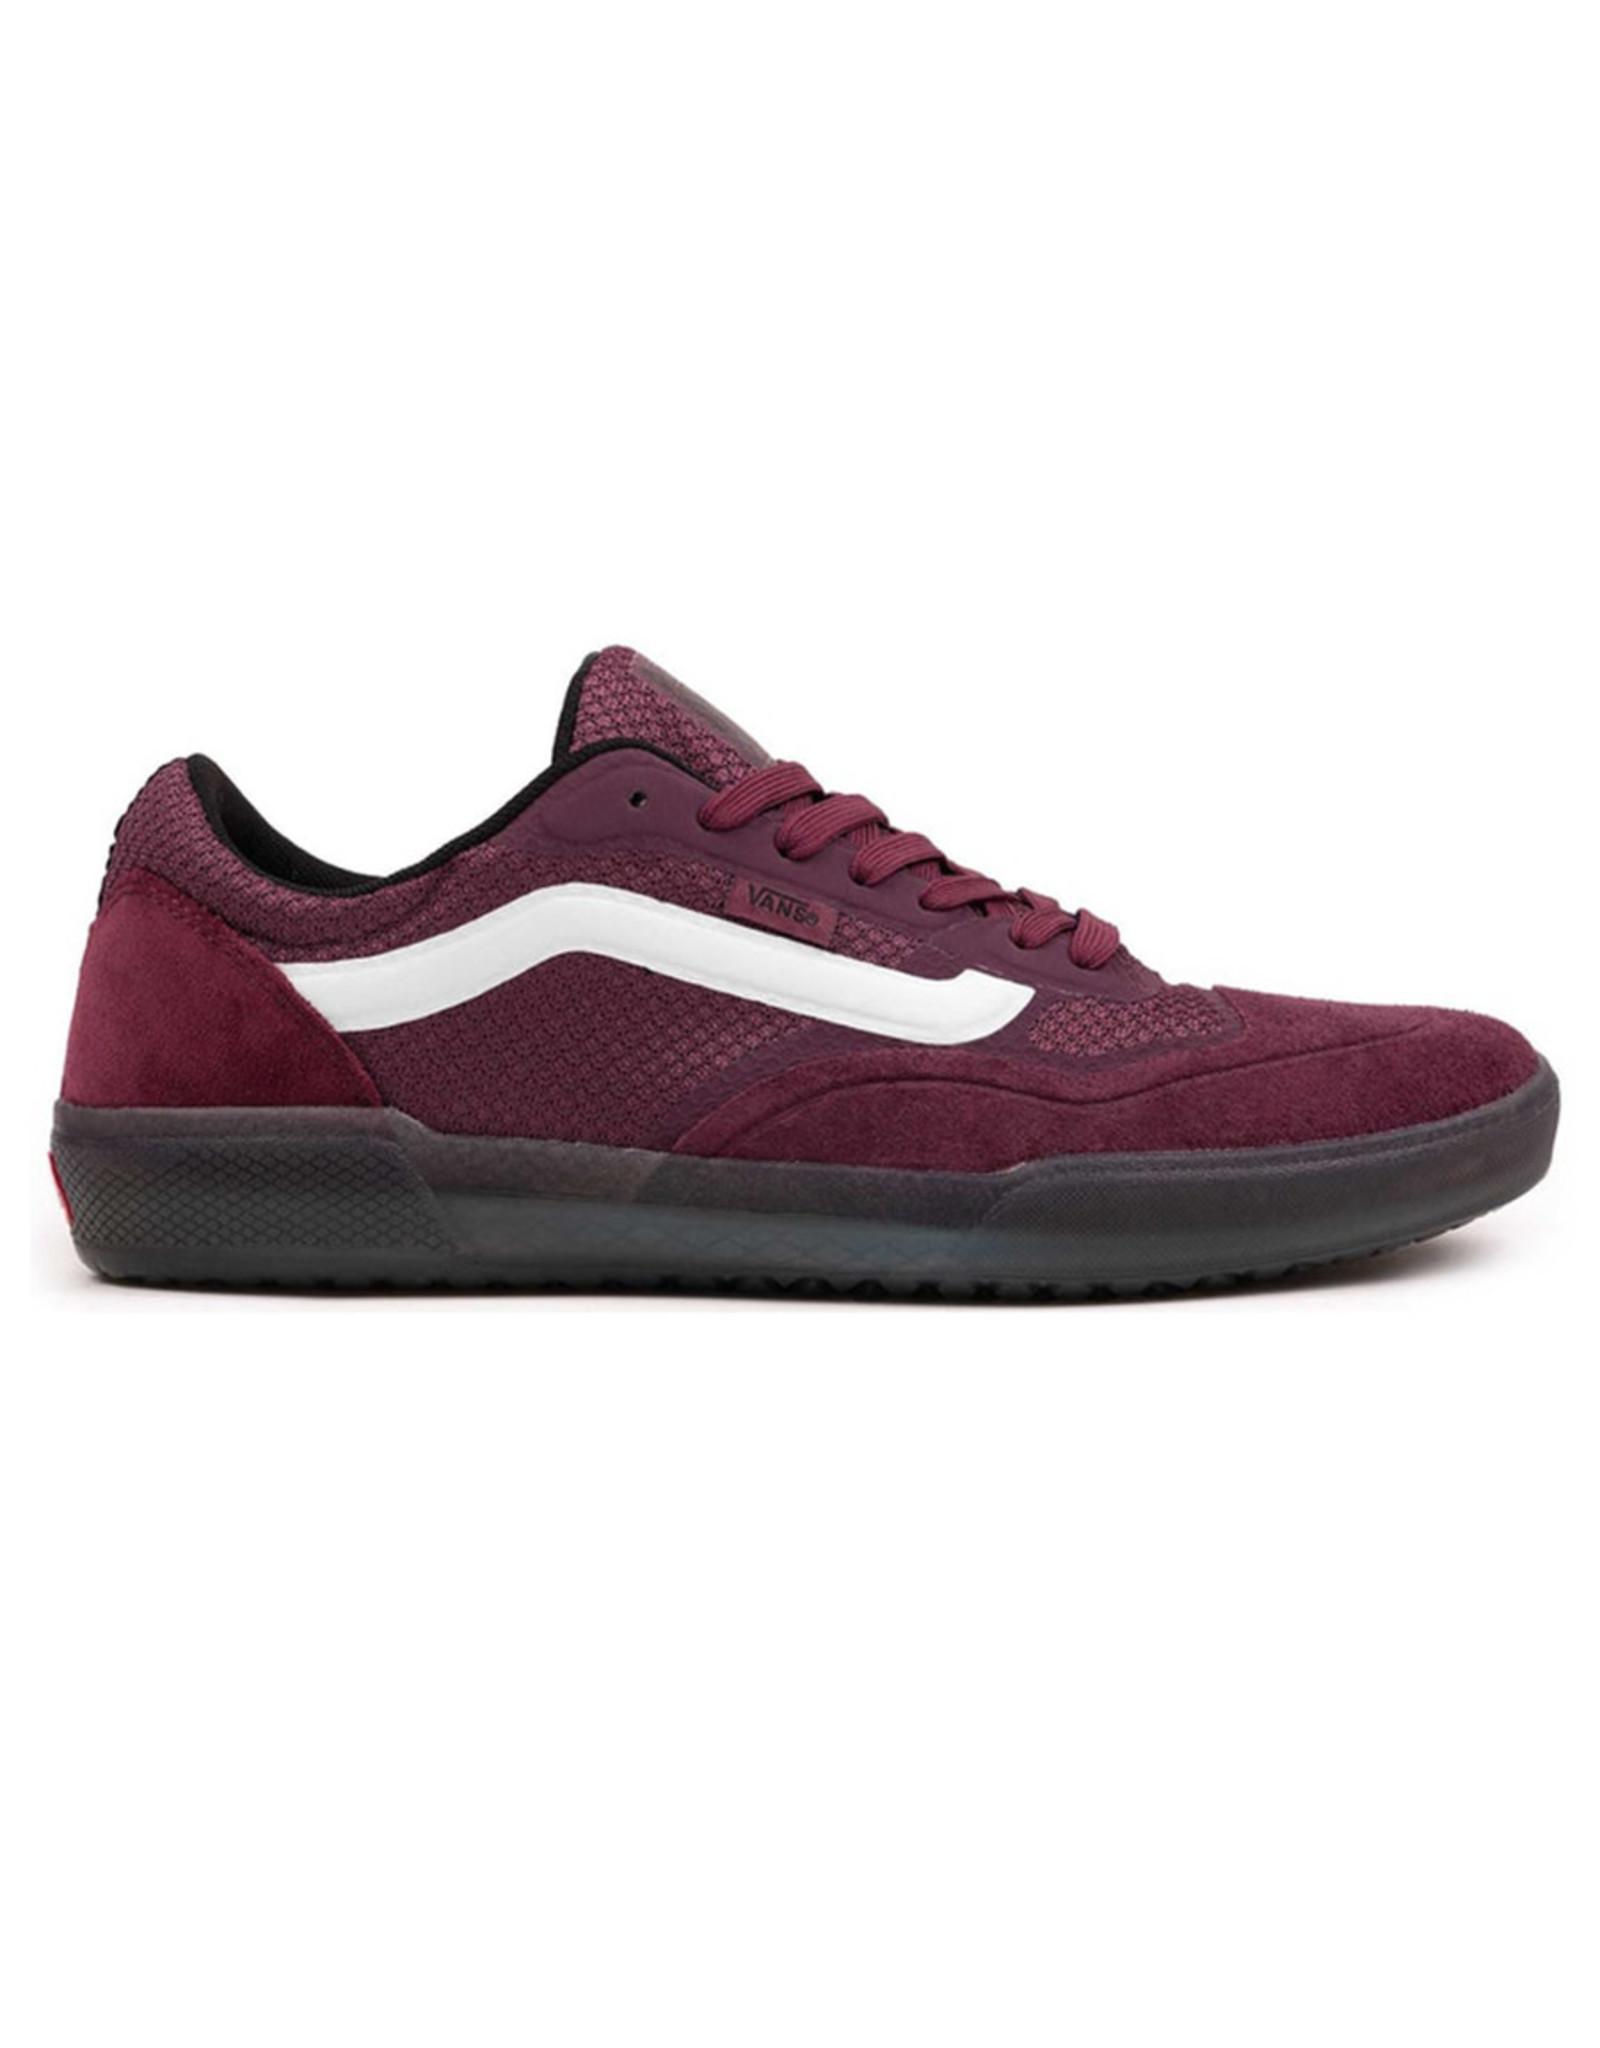 Vans Vans Shoe Pro Ave (Prune/True White)